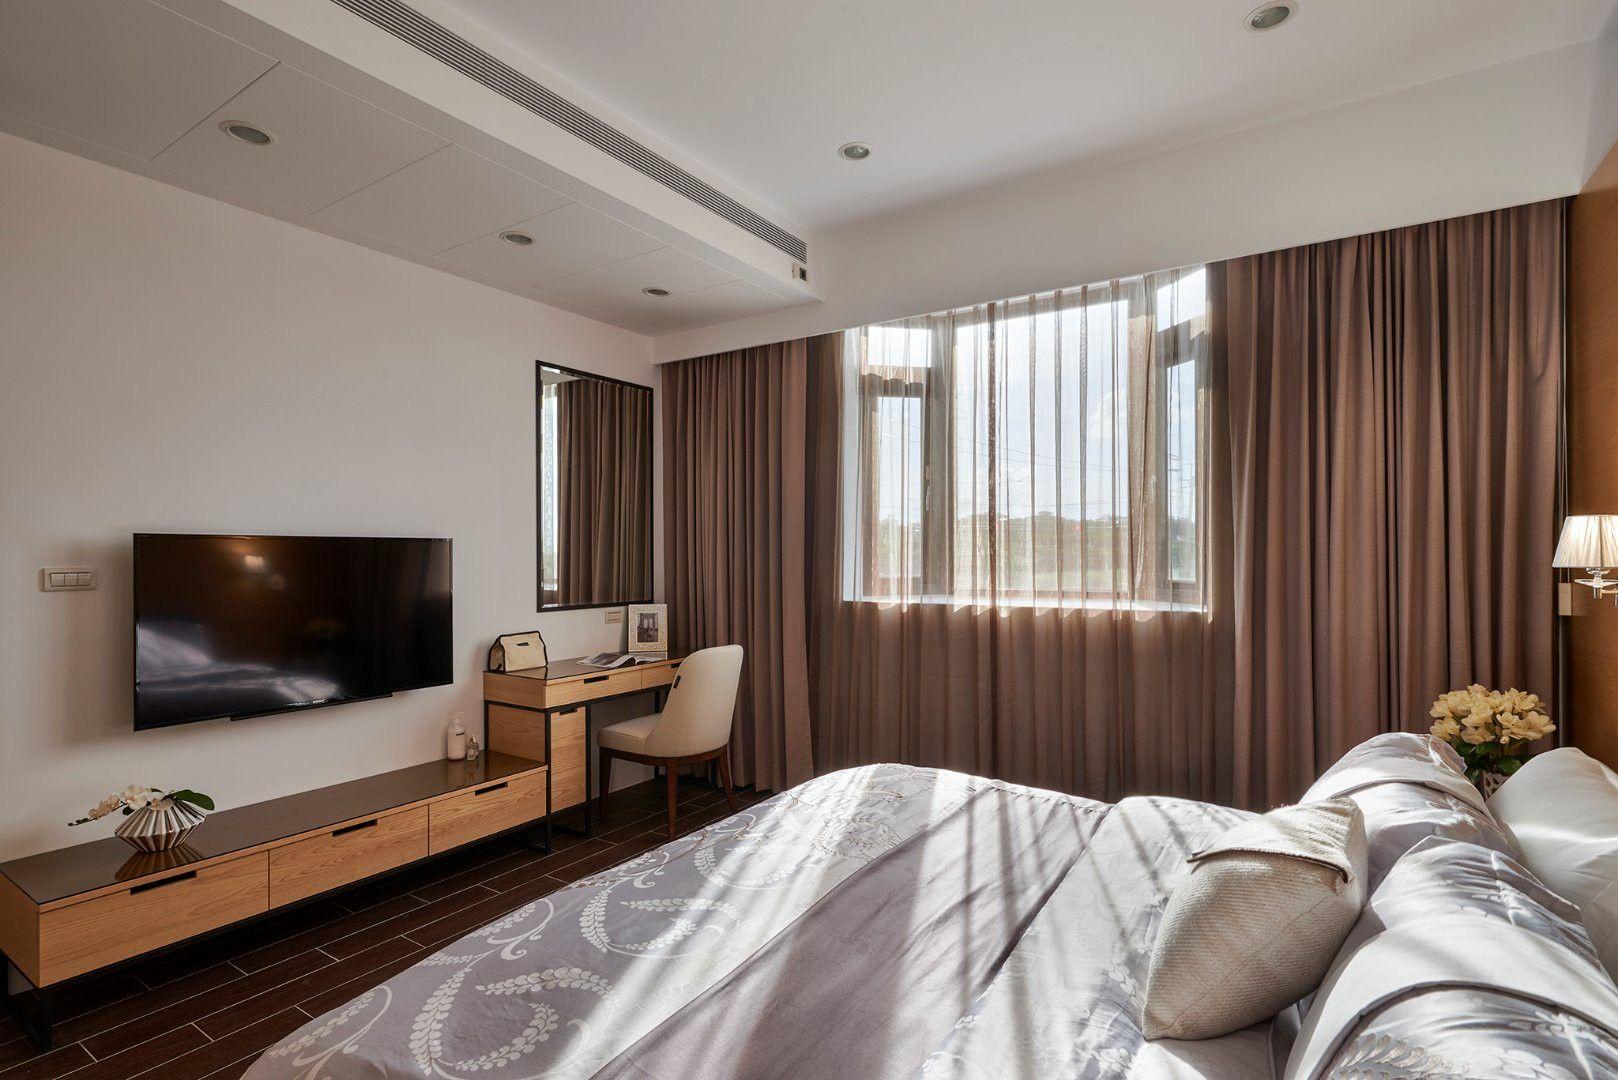 Diy small room ideas bedrooms residential interior design hong kong designer find also rh pinterest